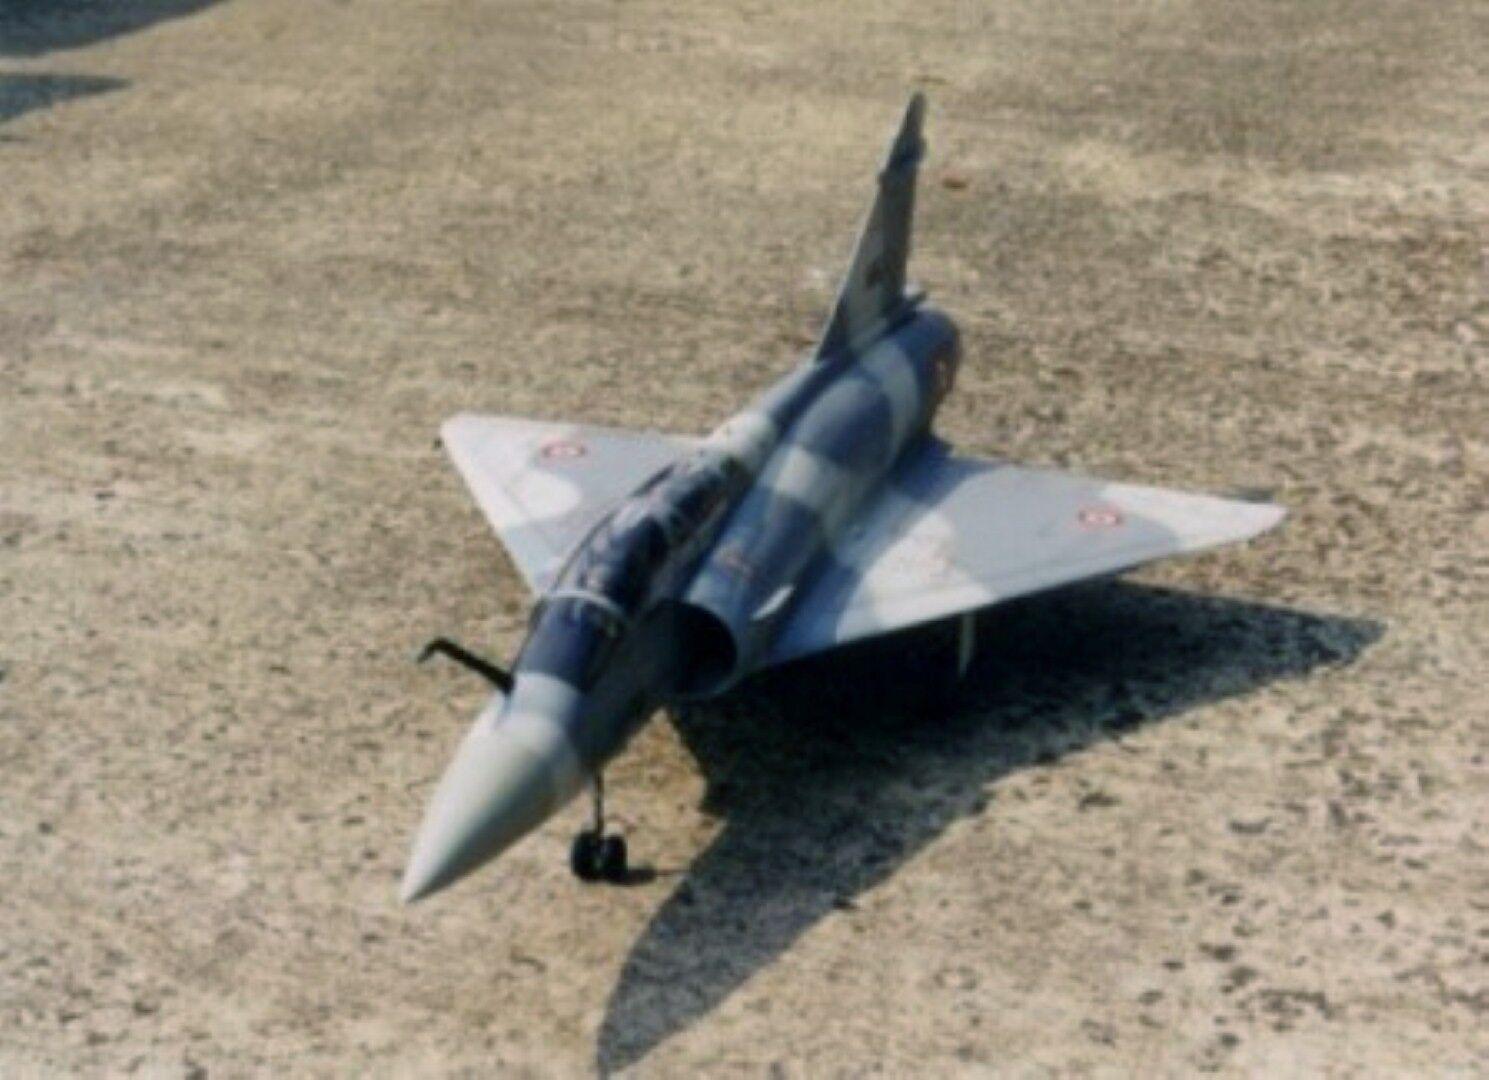 DASSAULT Mirage 2000 B (Spannweite 990 mm). Modellbauplan mit Kabinenhaube